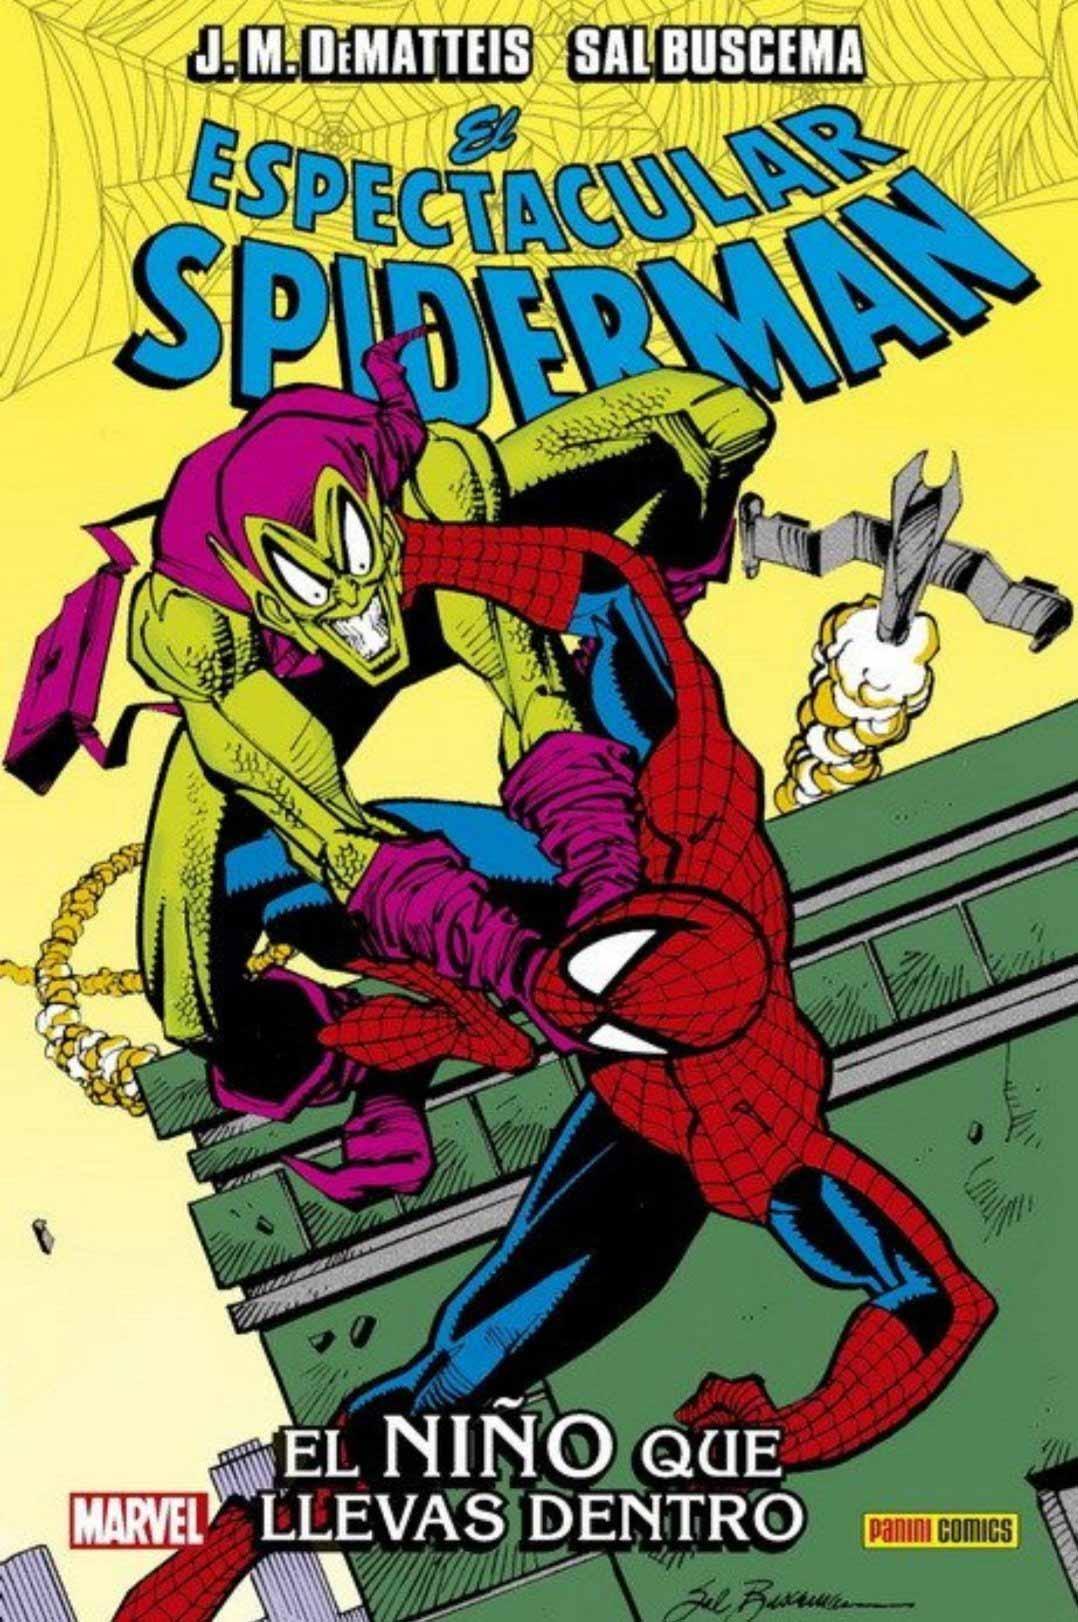 El Espectacular Spider-Man. El niño que llevas dentro portada